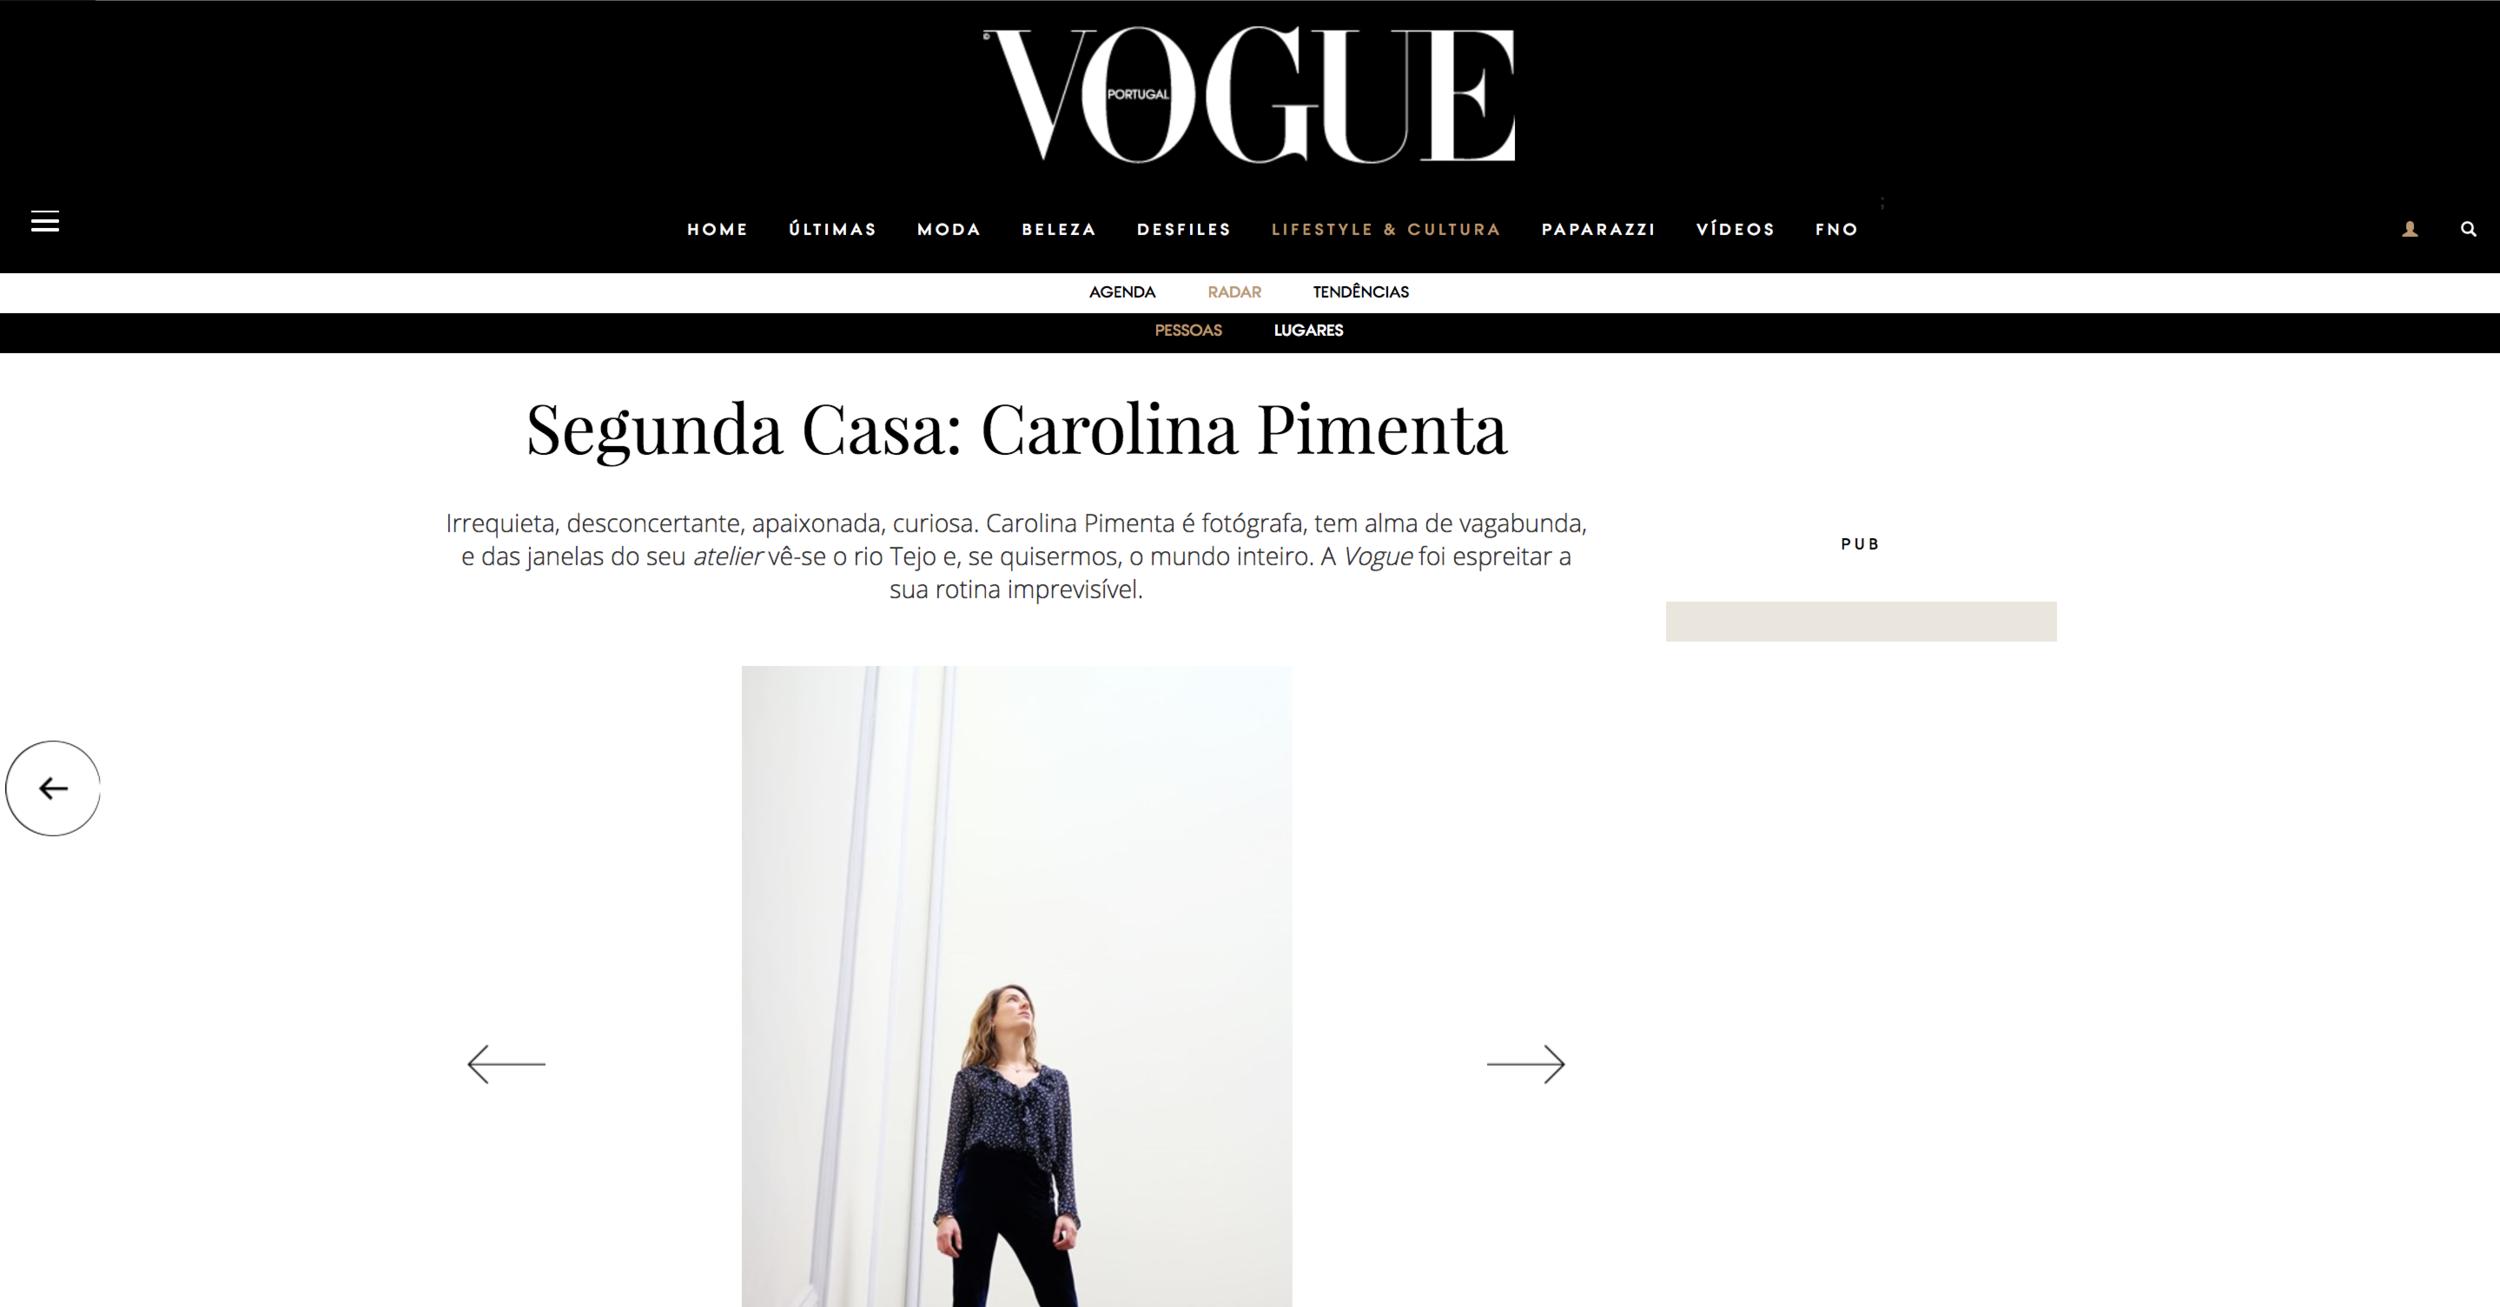 Segunda Casa: Carolina Pimenta , Vogue Portugal, February 2017  Interview by Ana Murcho for Vogue Portugal